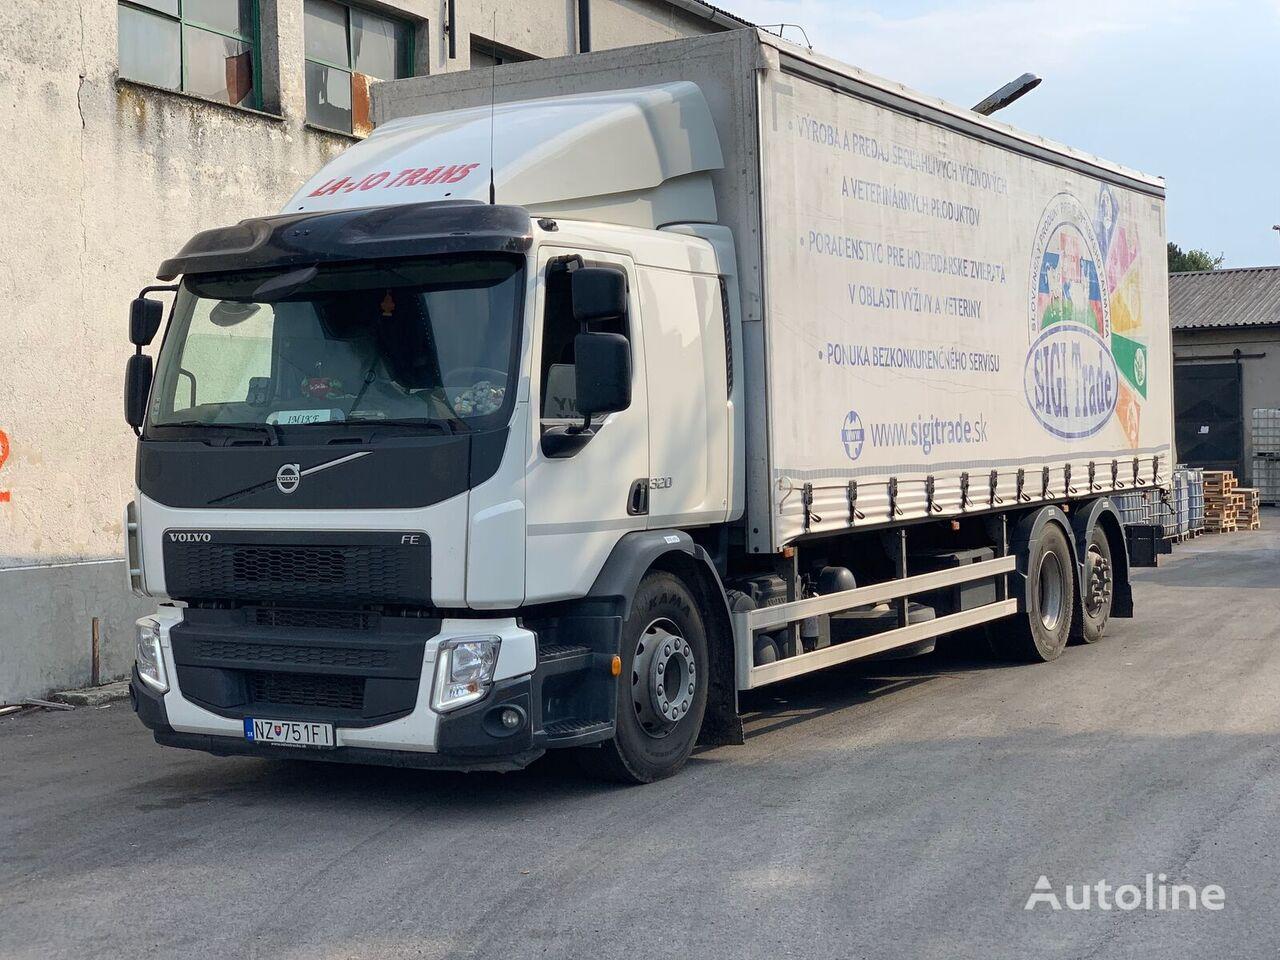 VOLVO FE 320 EURO6 kamion sa kliznom ceradom